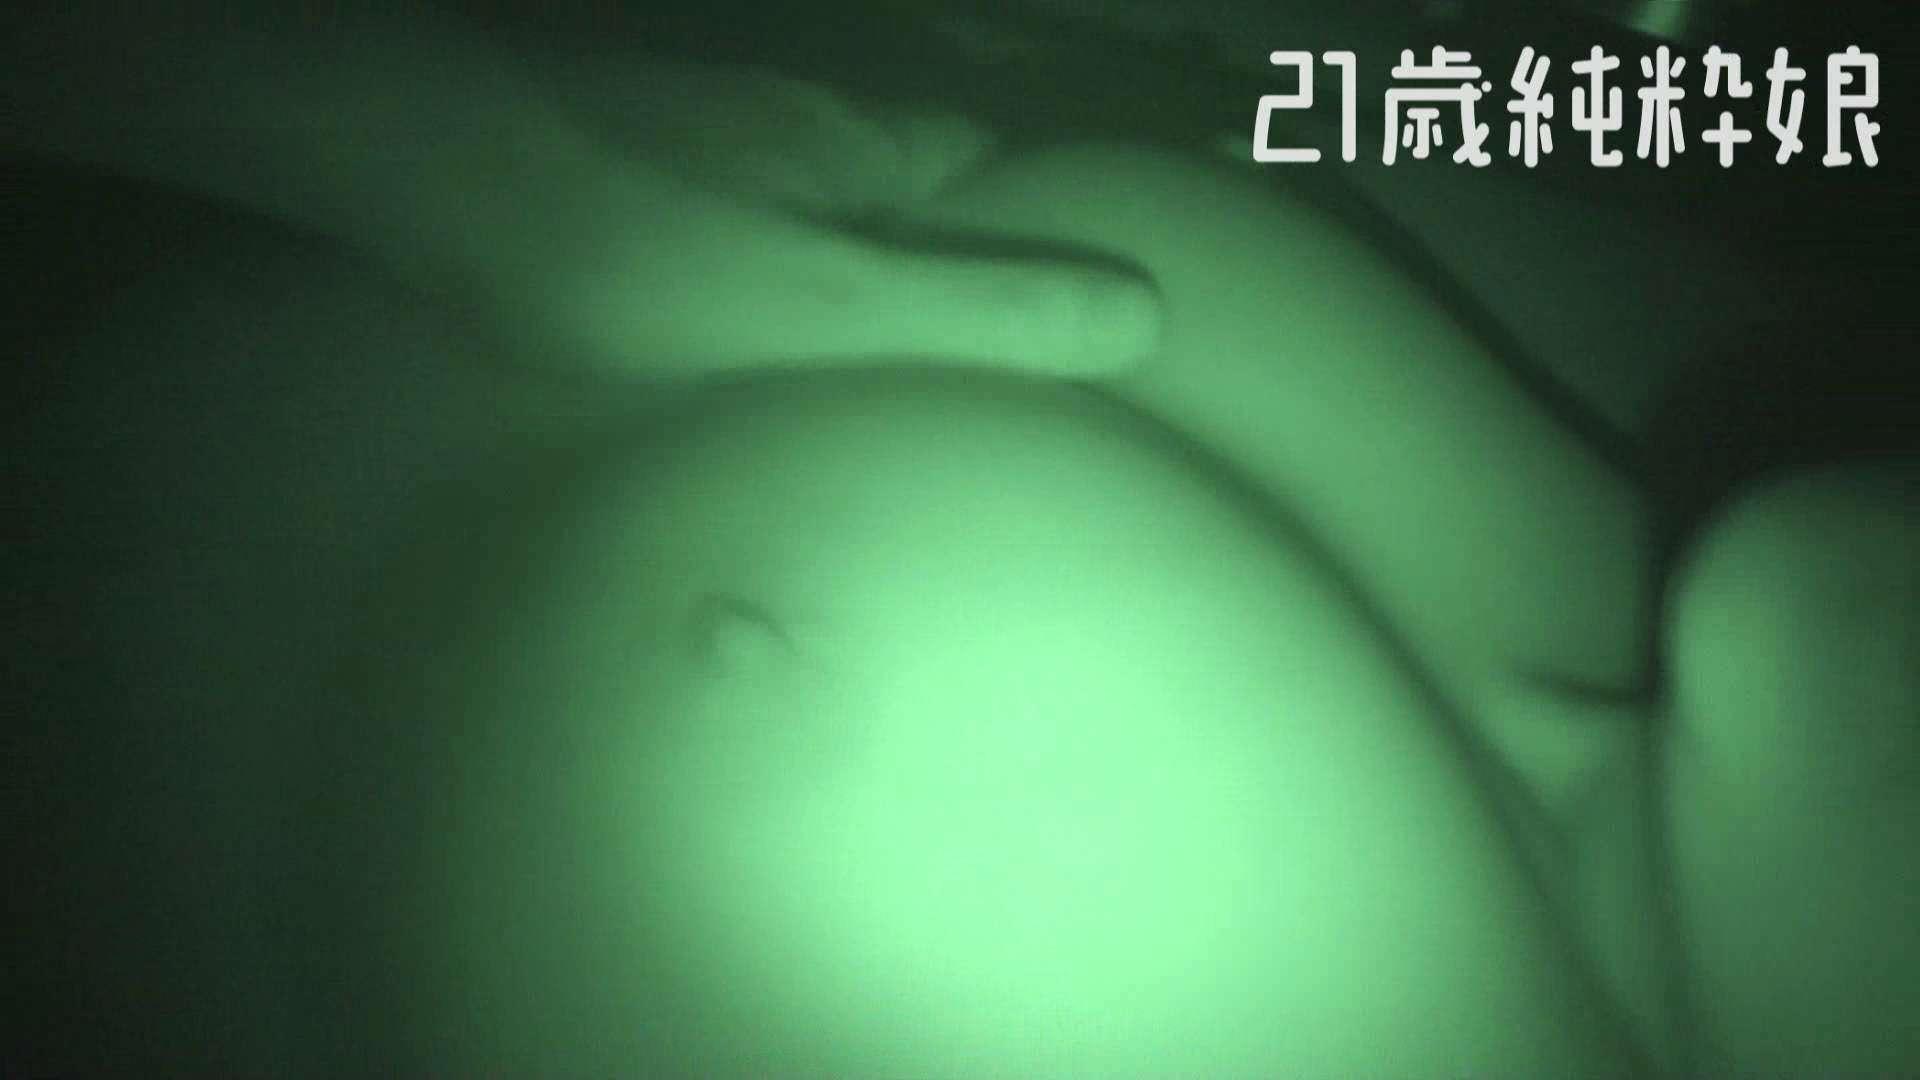 上京したばかりのGカップ21歳純粋嬢を都合の良い女にしてみた3 オナニー | フェラ  48pic 48